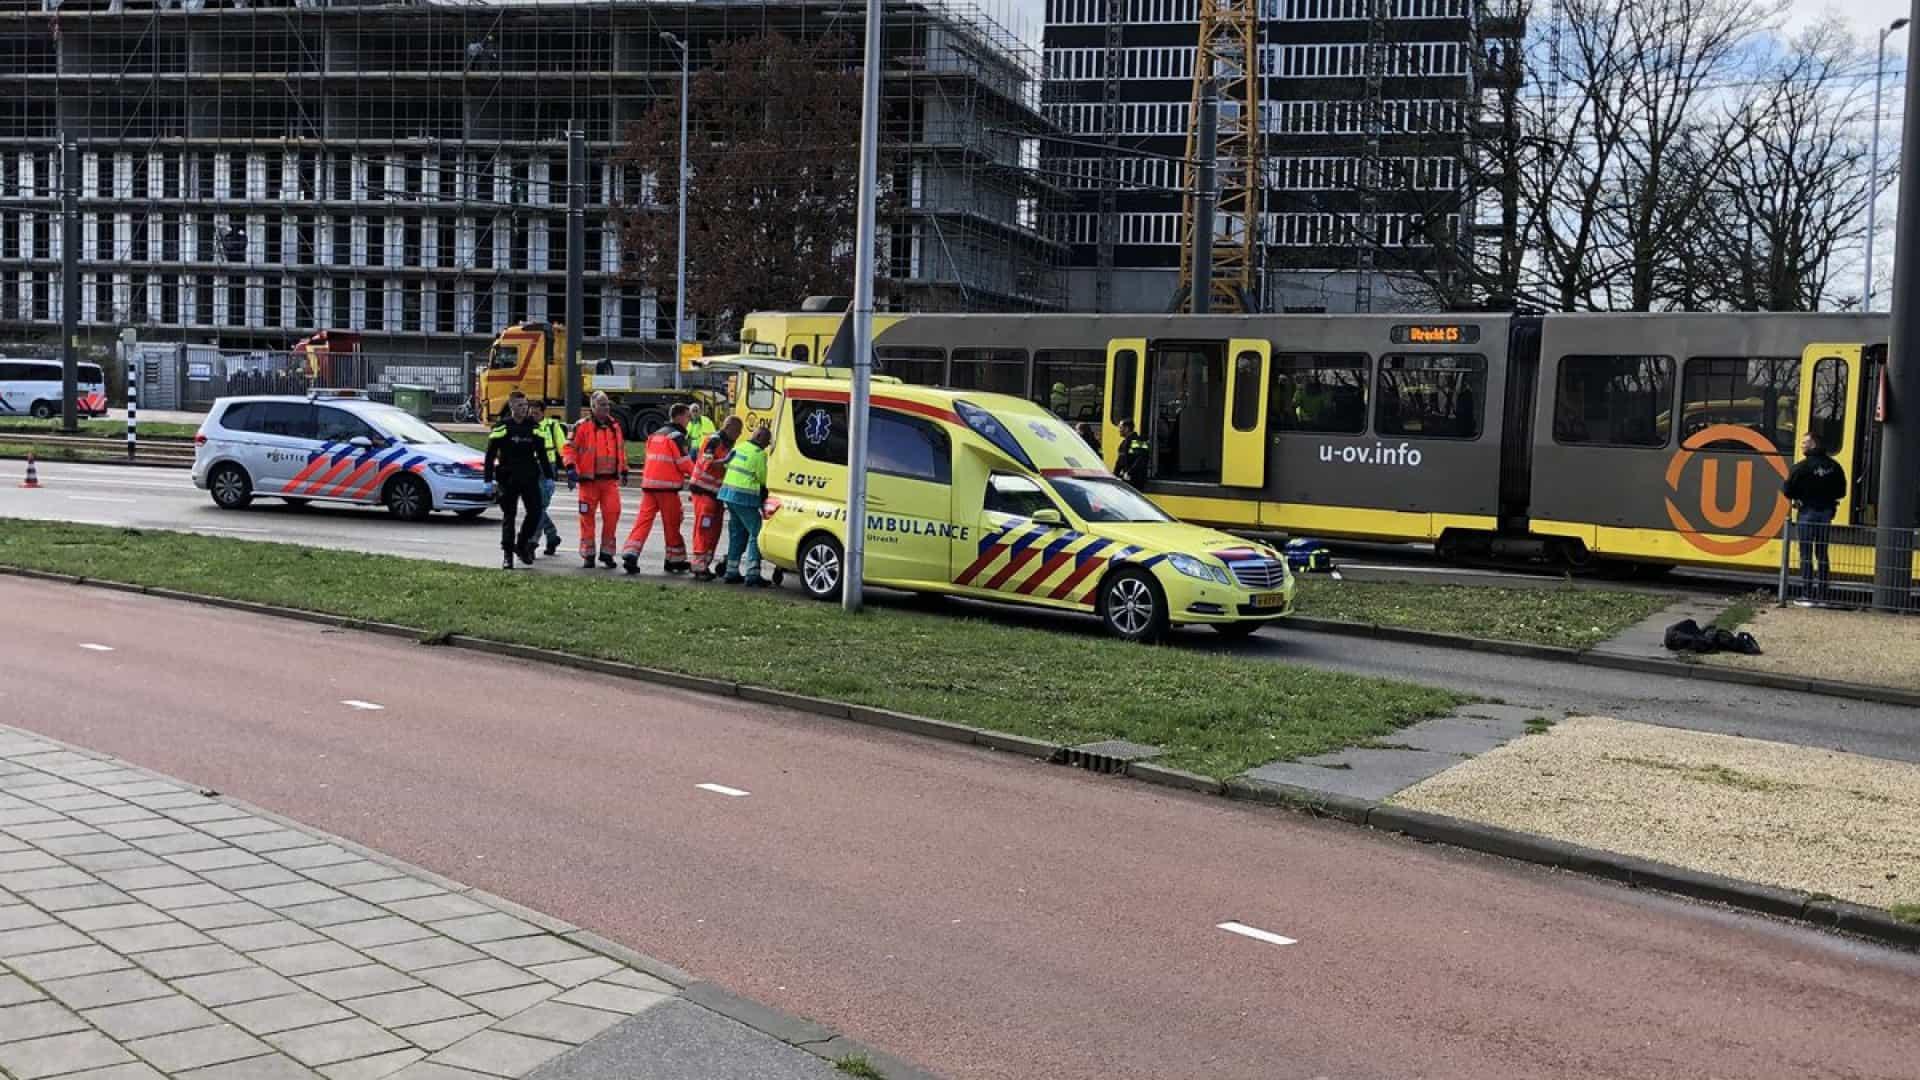 Atirador mata 3 em transporte público na Holanda e é preso